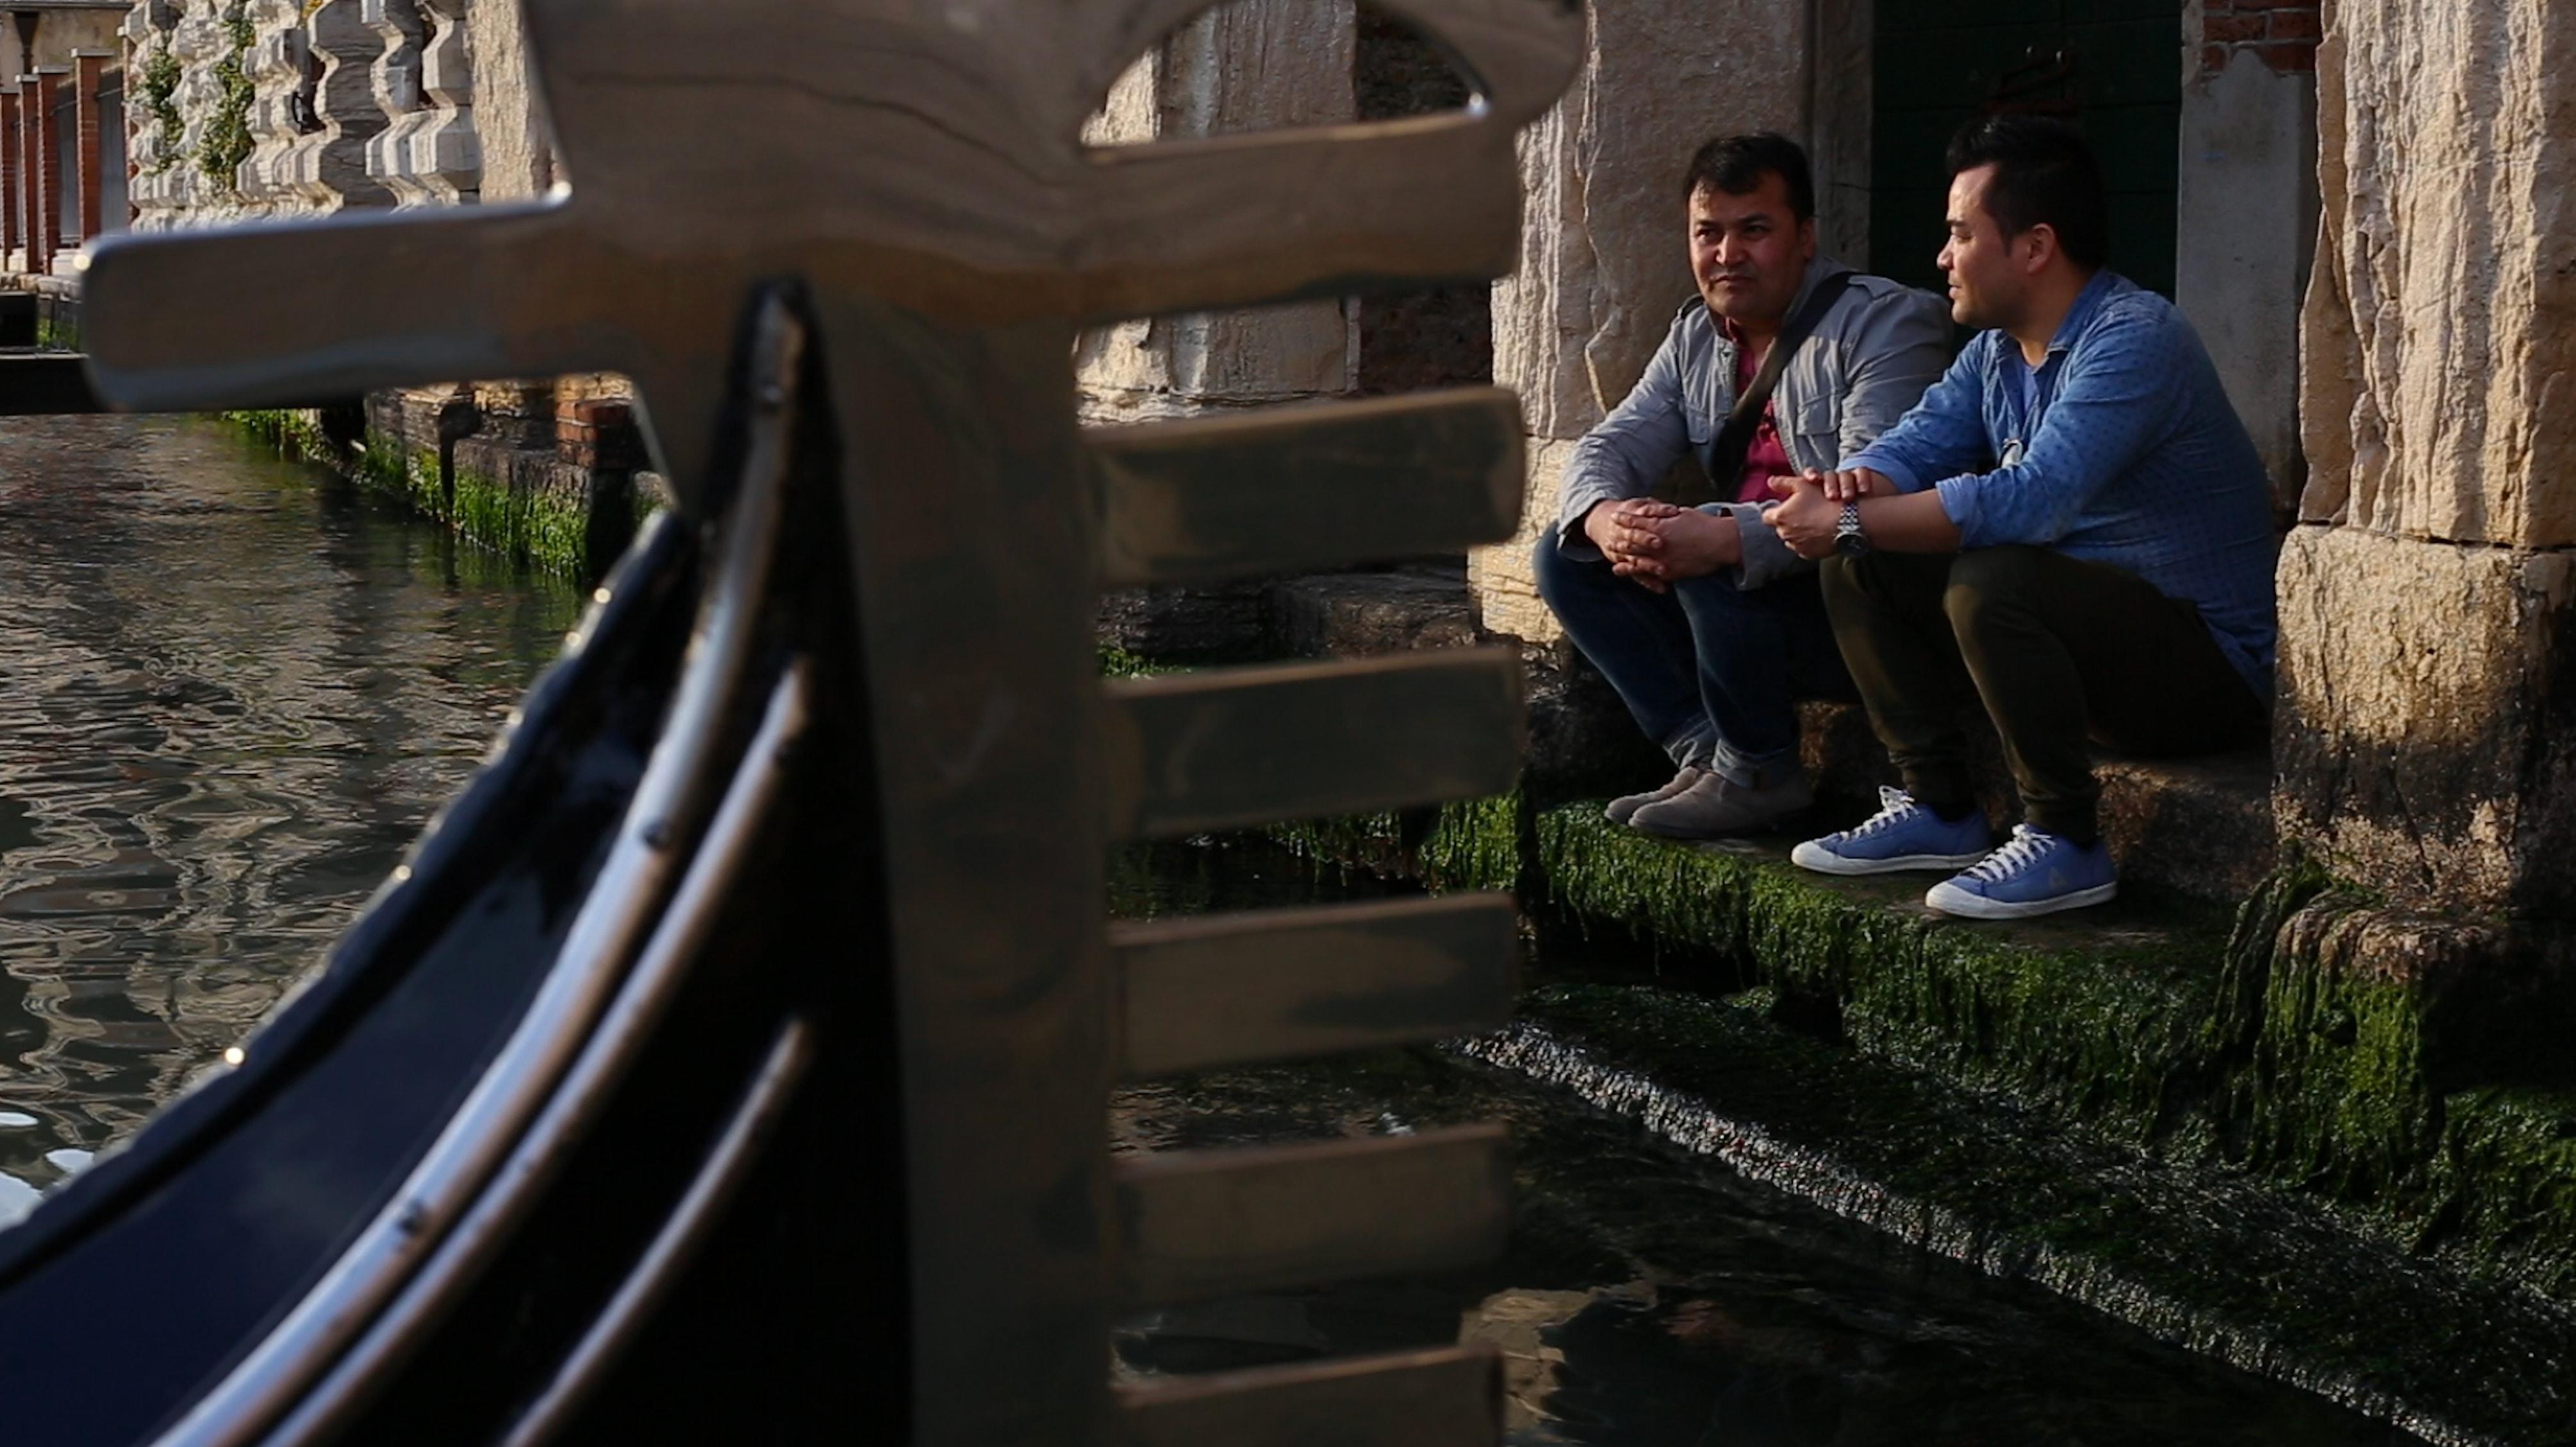 Ашраф Барати с другом и коллегой Ясином Танином. Фото: Basir Ahang. Используется с разрешения.